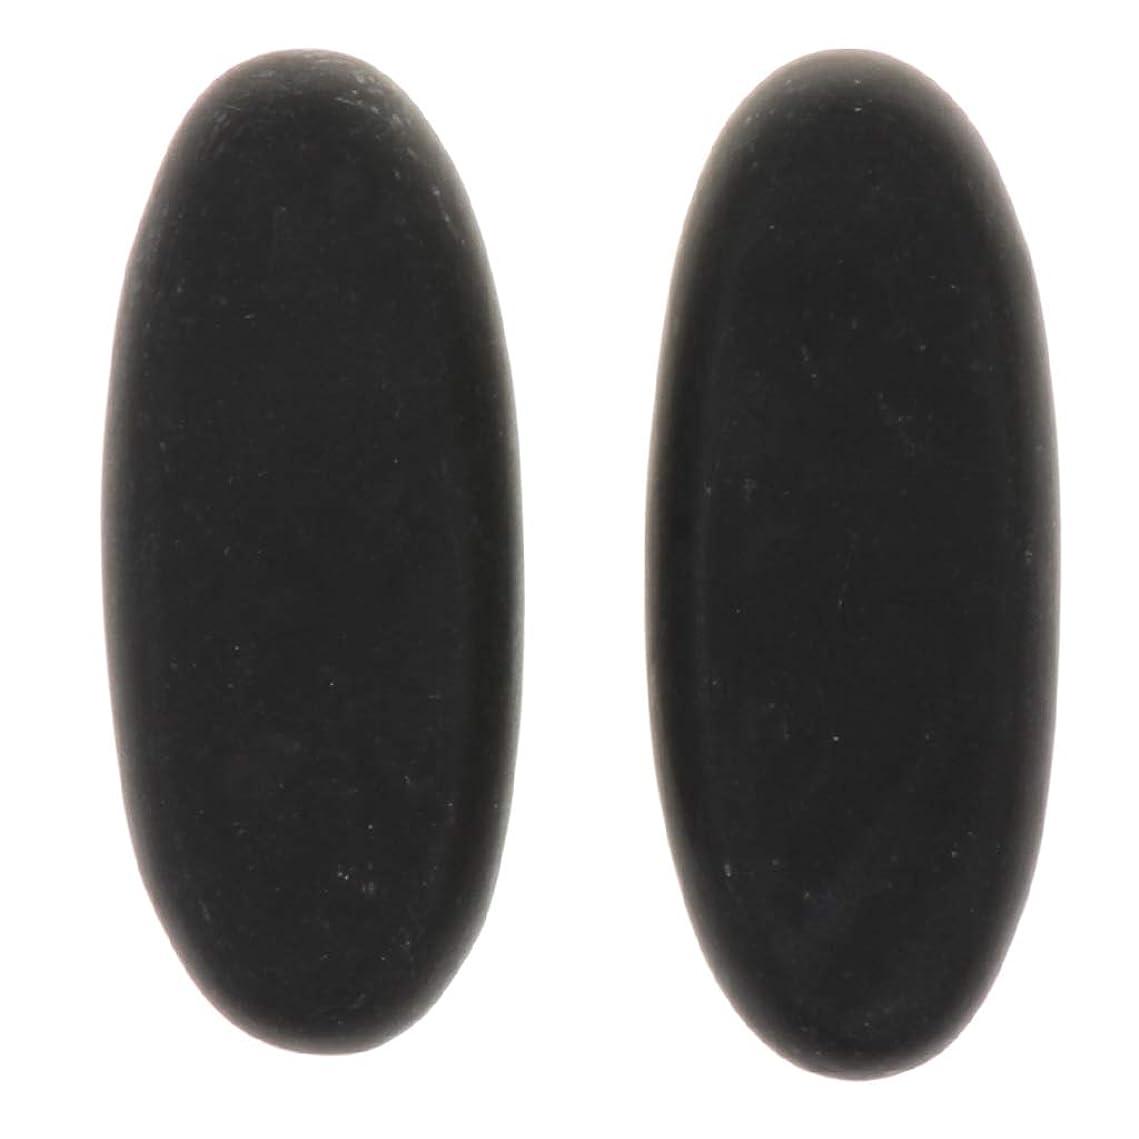 陰謀反逆カウンターパートP Prettyia マッサージストーン マッサージ石 天然石ホットストーン マッサージ用玄武岩 ツボ押し SPA 2個 全2サイズ - 8×3.2×1.5cm